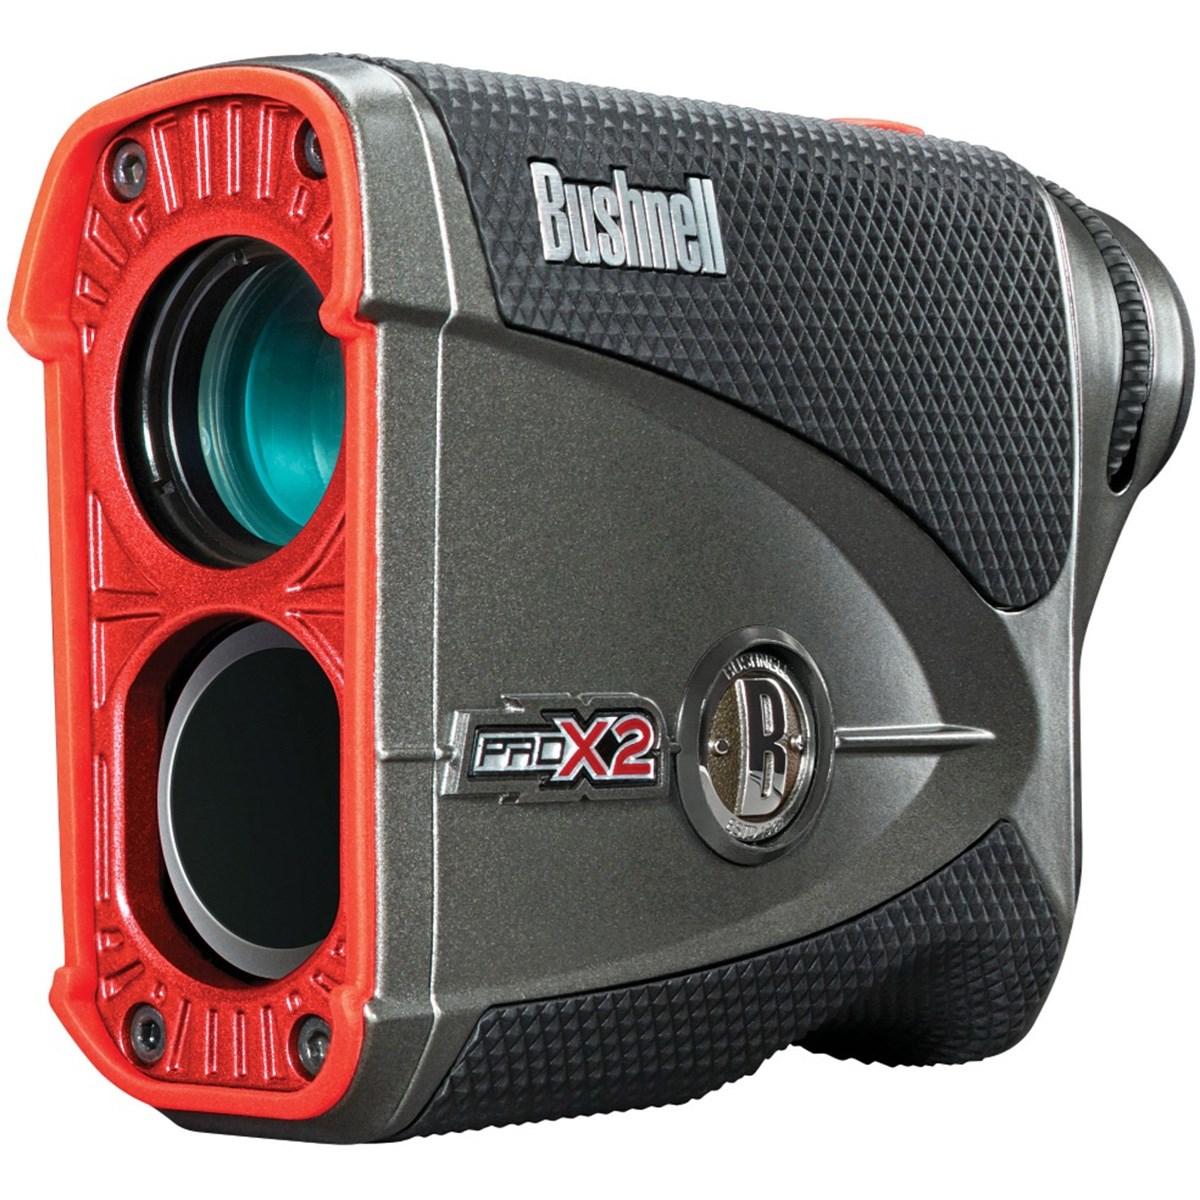 ブッシュネル ピンシーカープロX2ジョルト ゴルフ用レーザー距離計